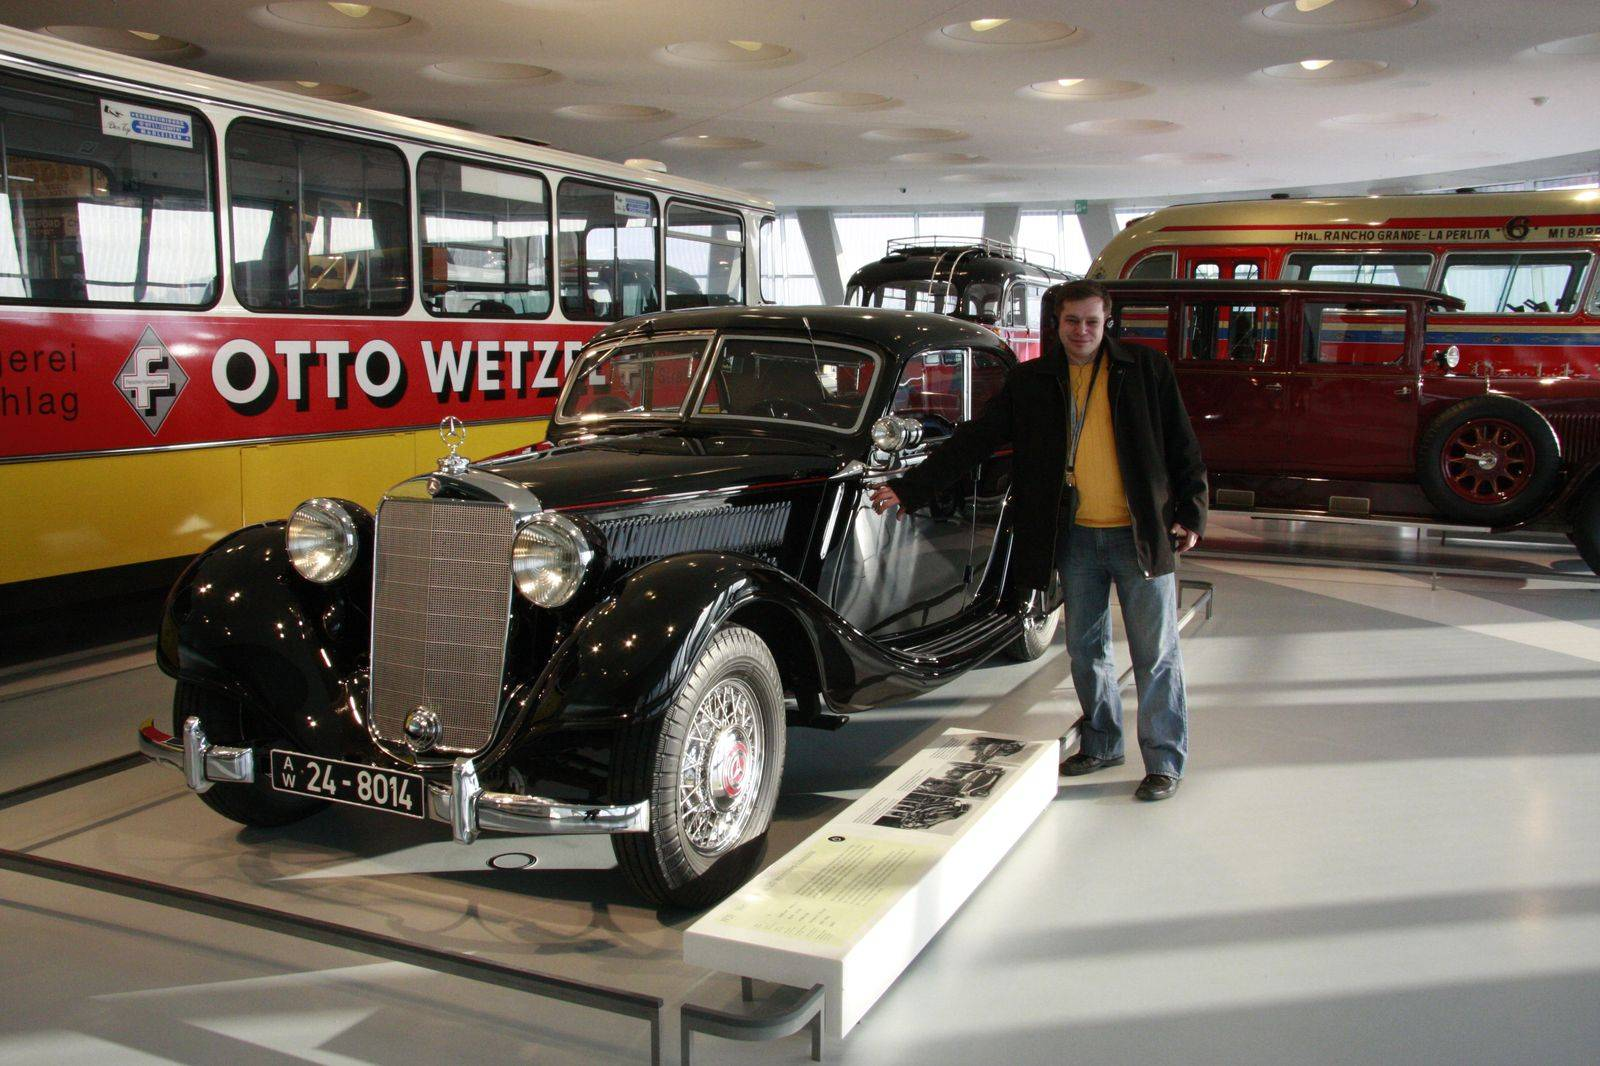 Модельный ряд автомобилей volkswagen, модели фольксваген в наличии у официального дилера фольксваген автомир москва